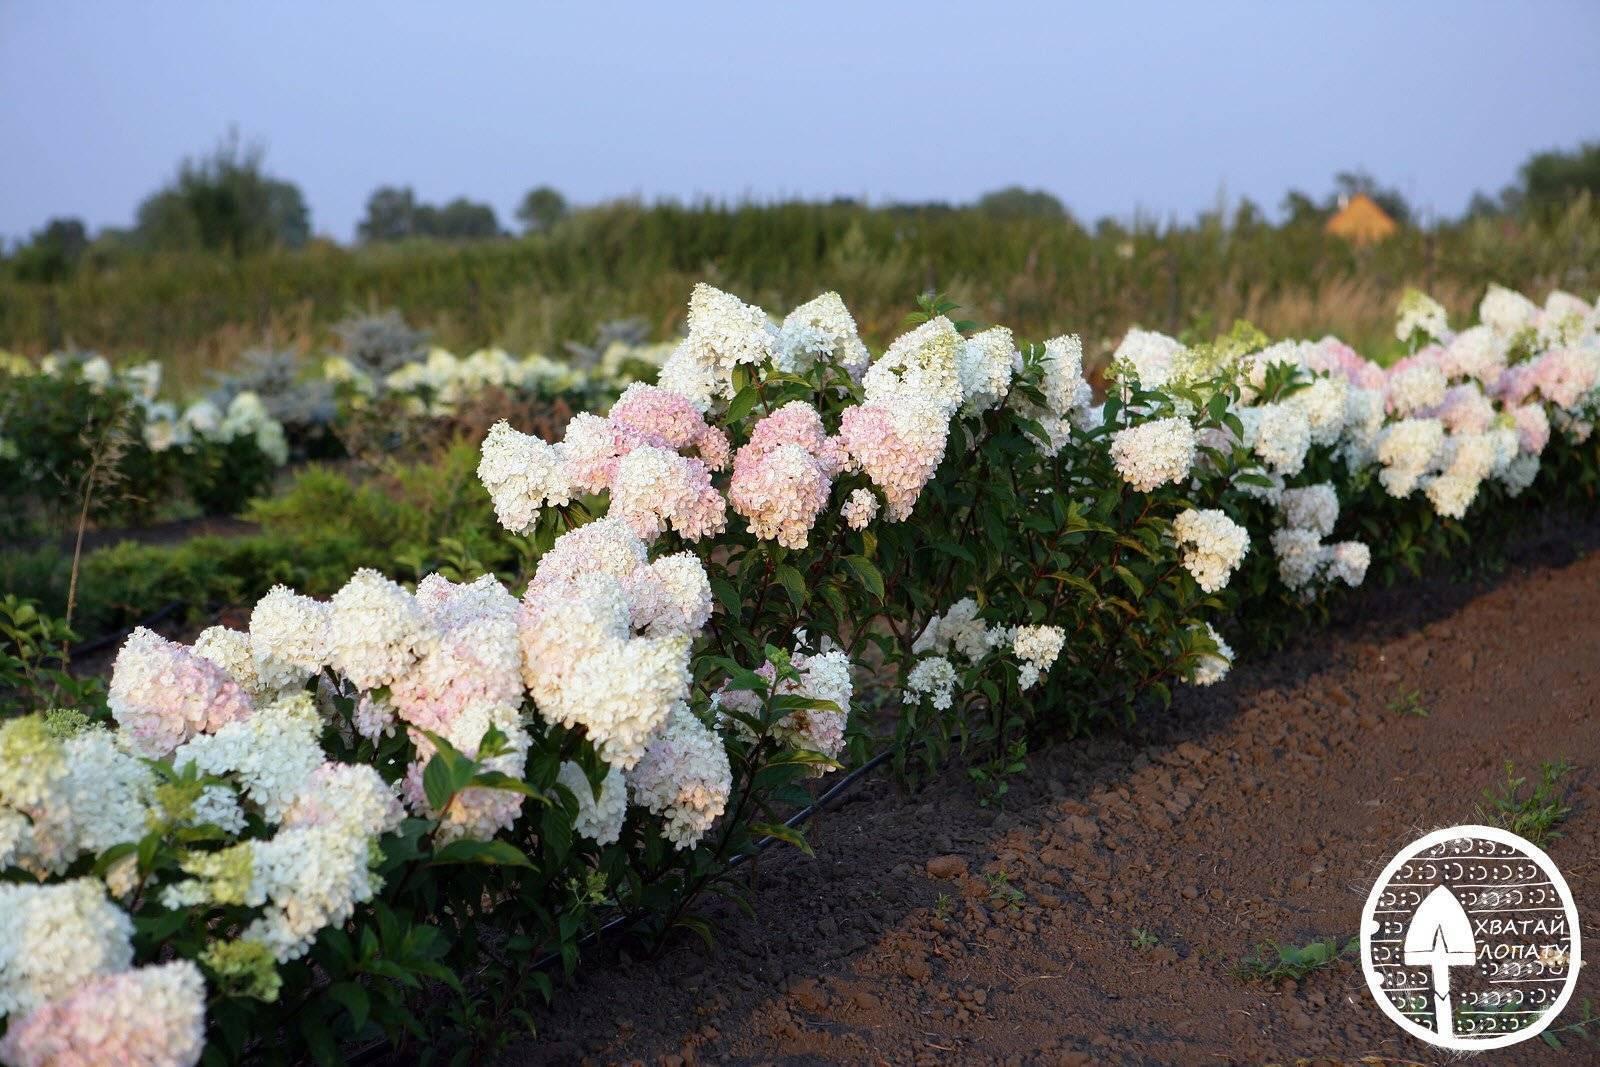 Вид гортензии ванилла фрейз: характеристика цветов, посадка и уход в открытом грунте